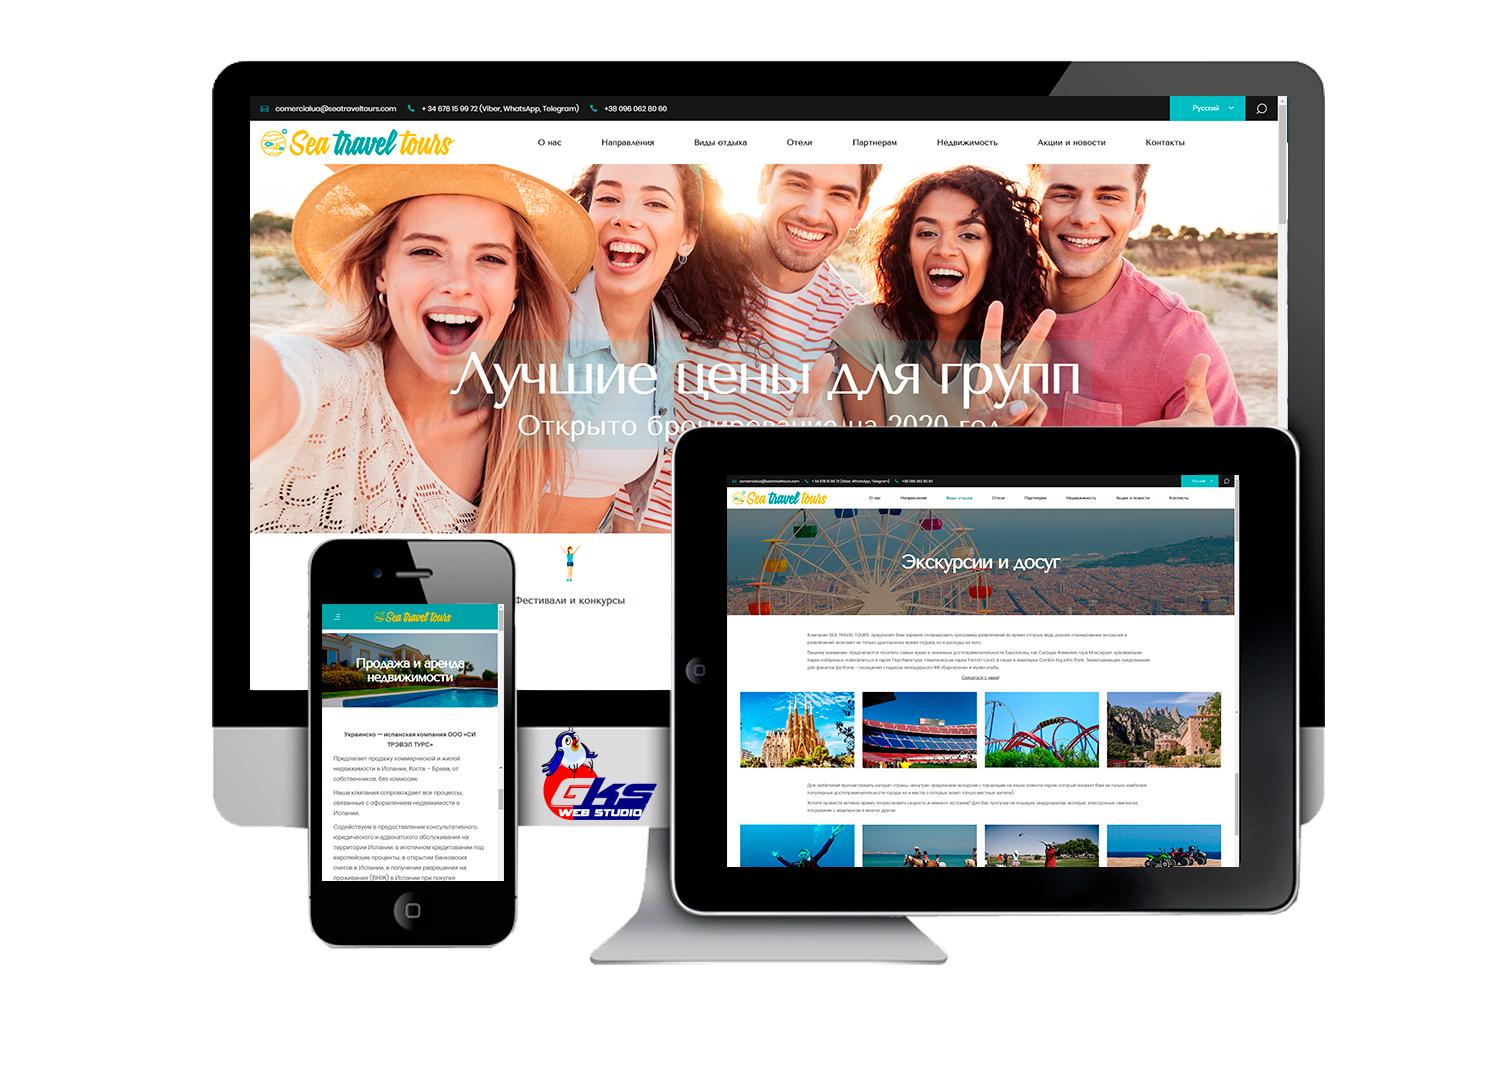 Створення туристичного сайту Sea travel tours. CMS WordPress